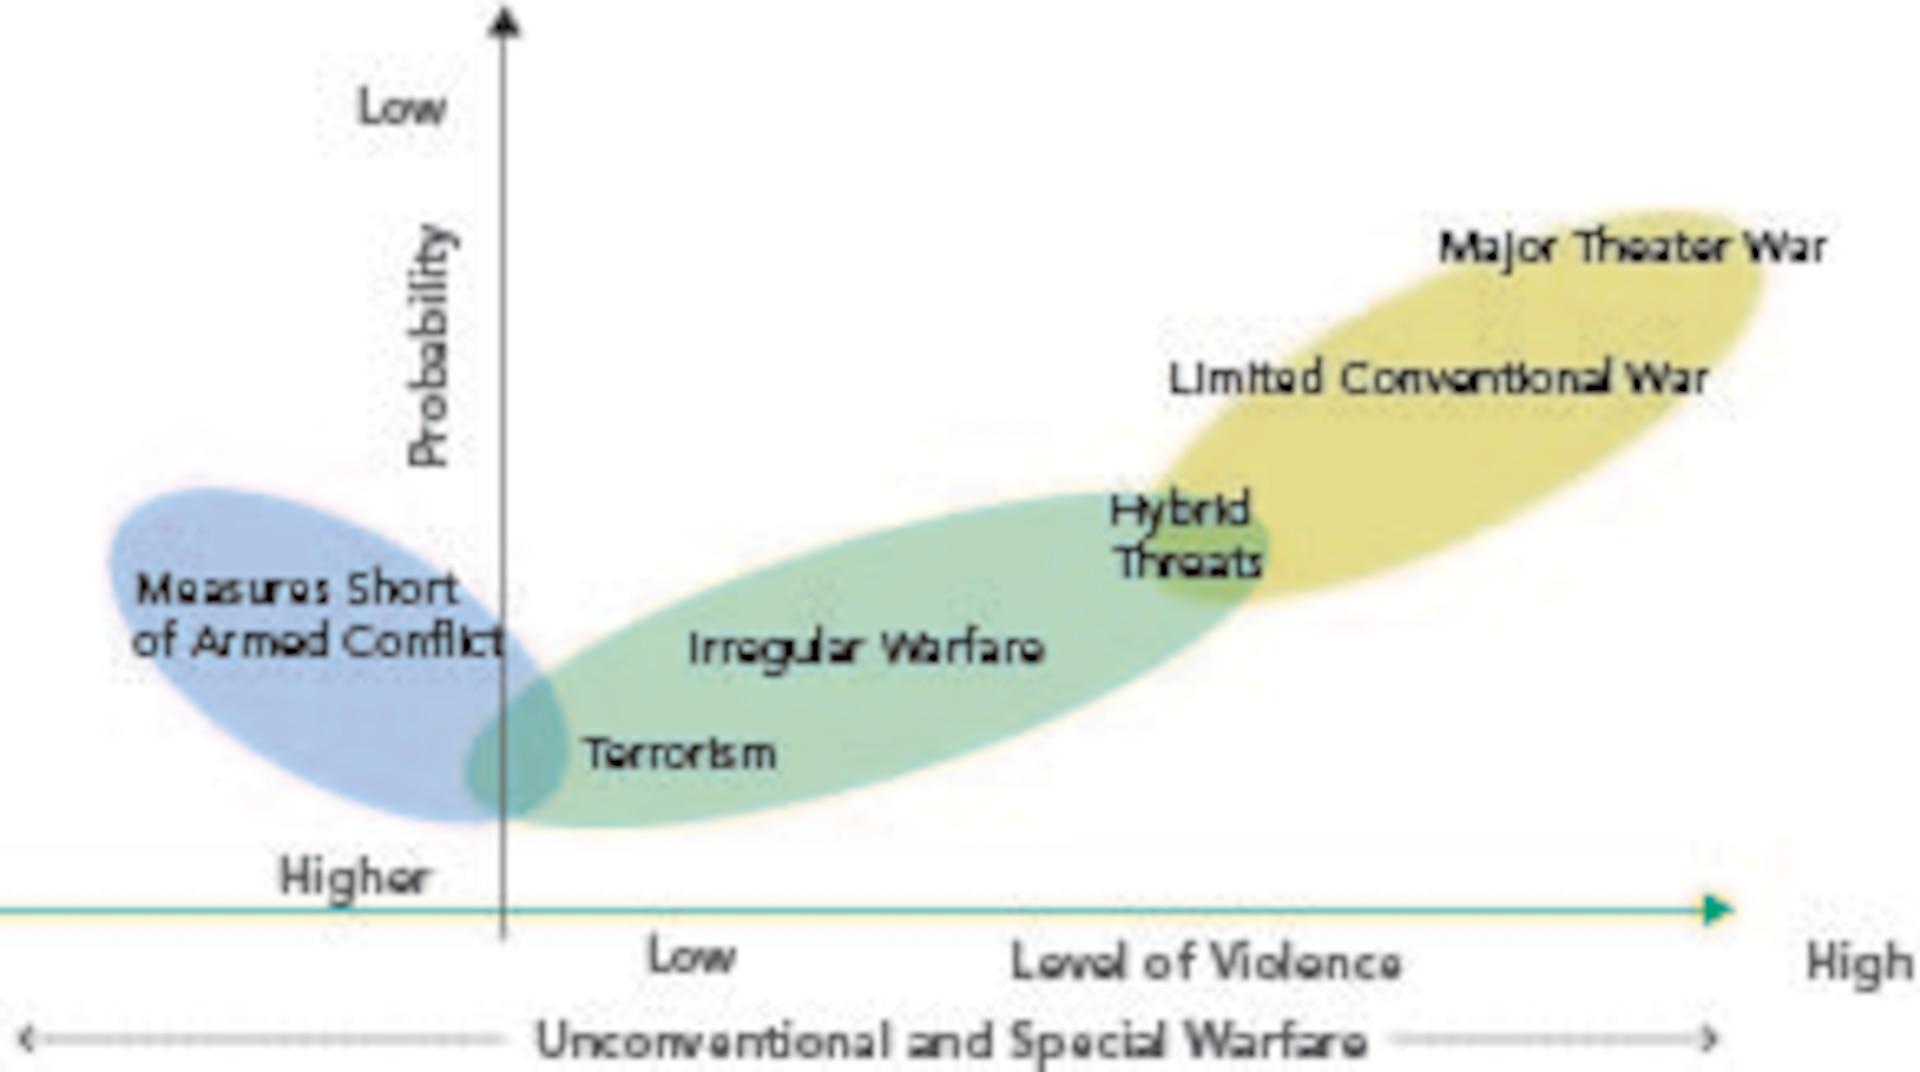 Continuum of Conflict